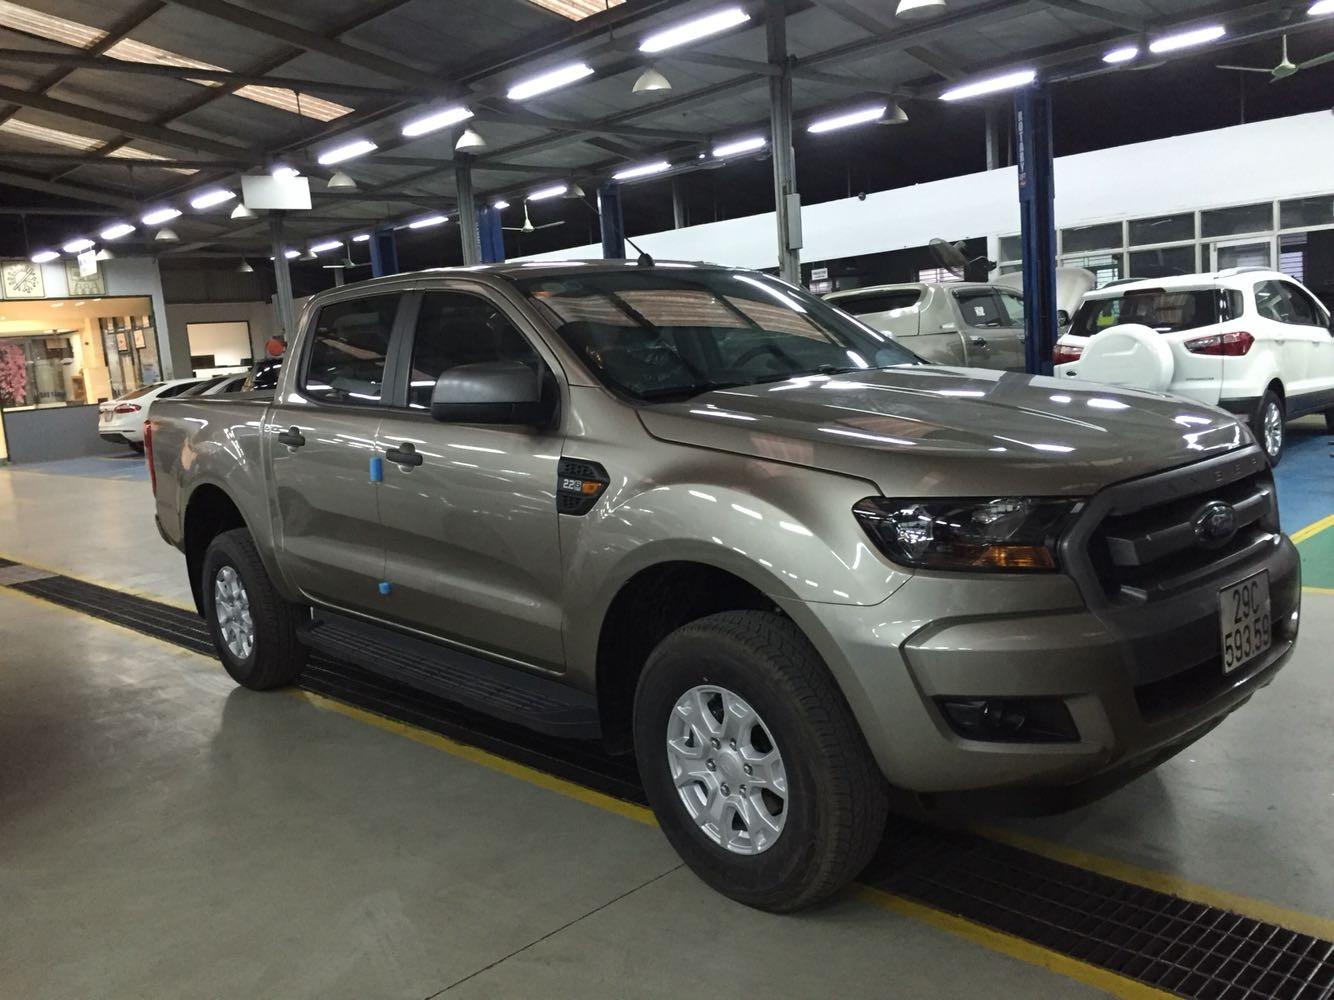 Ford Ranger 2017 giá tốt nhất Hà Nội, Ford Bán Tải, Ford Ranger, Ranger XLS, Ranger Wiltrak 3.2, Ranger XLT, Ranger XL . Ảnh số 38446536